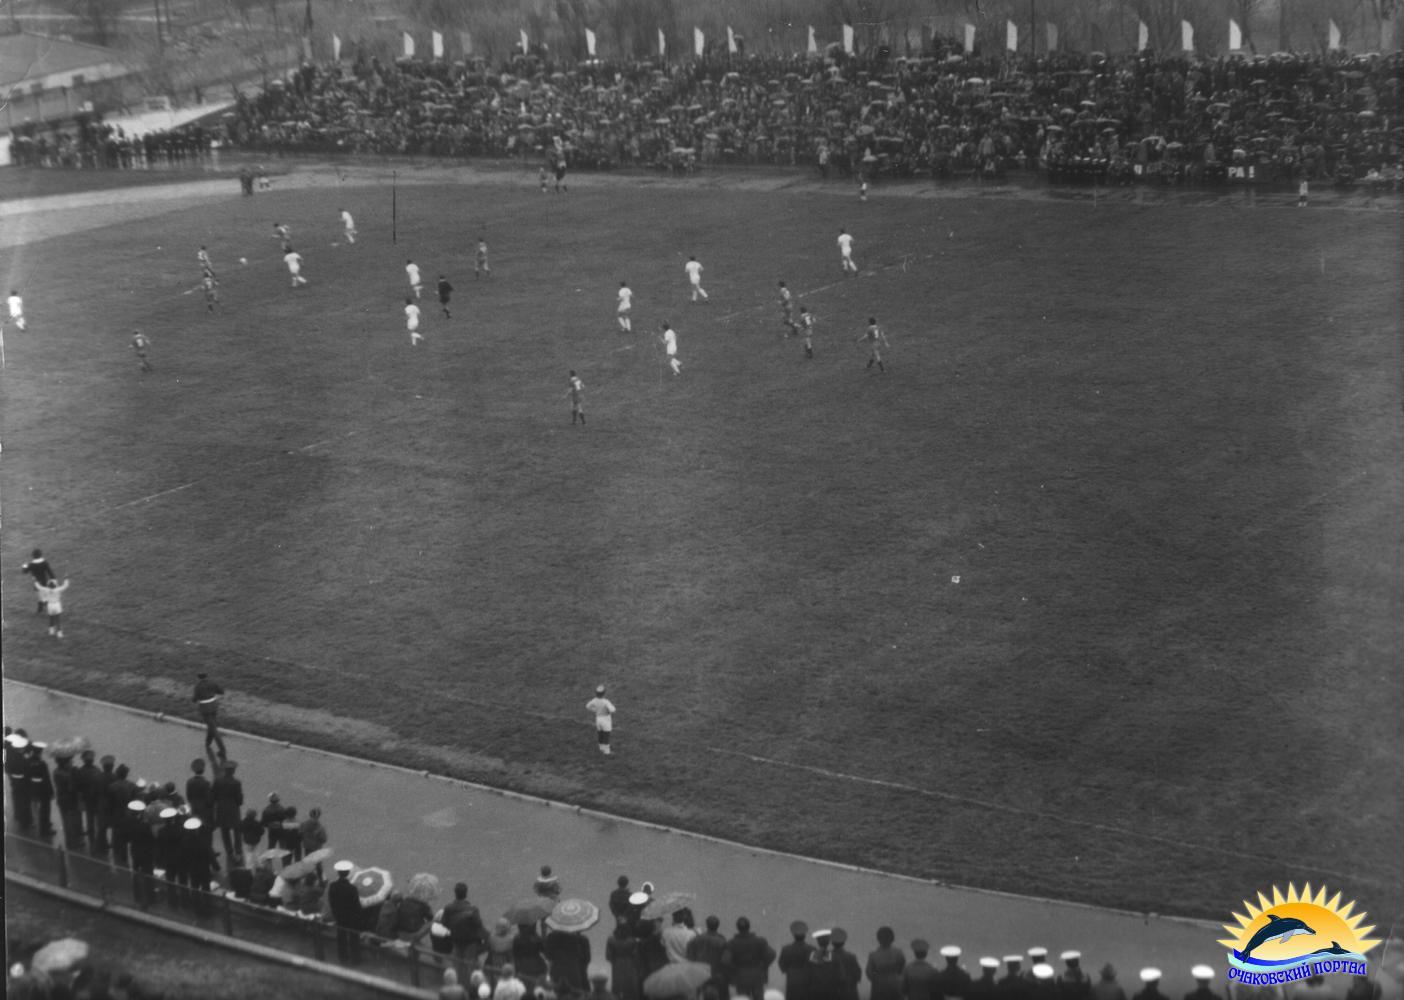 Очаков. 1 мая 1987 г. Открытие стадиона